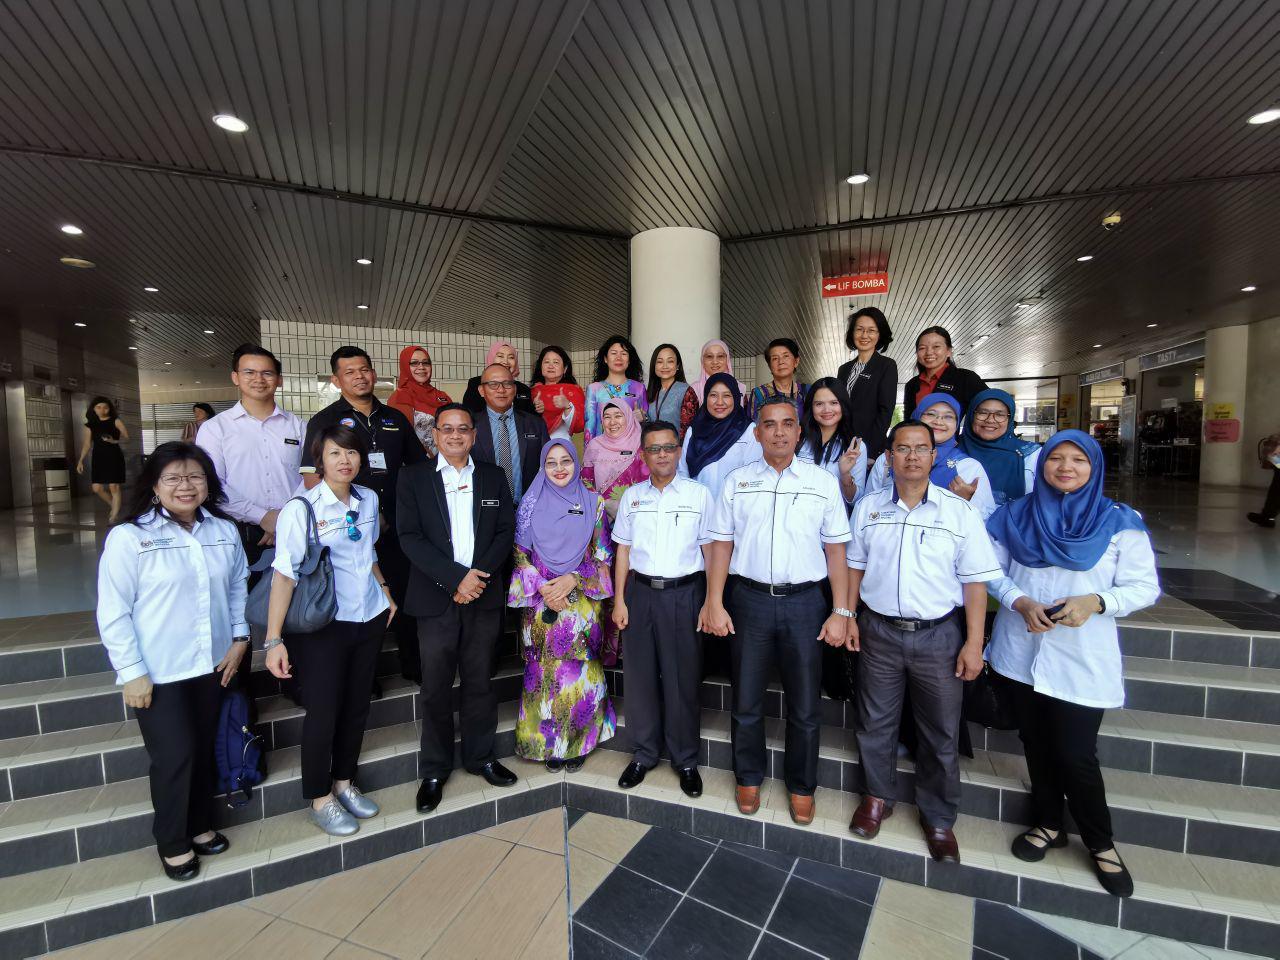 Lawatan Penandaarasan Daripada Ppd Batang Padang Perak Ke Ppd Kota Kinabalu Pada 11 November 2019 Pejabat Pendidikan Daerah Kota Kinabalu